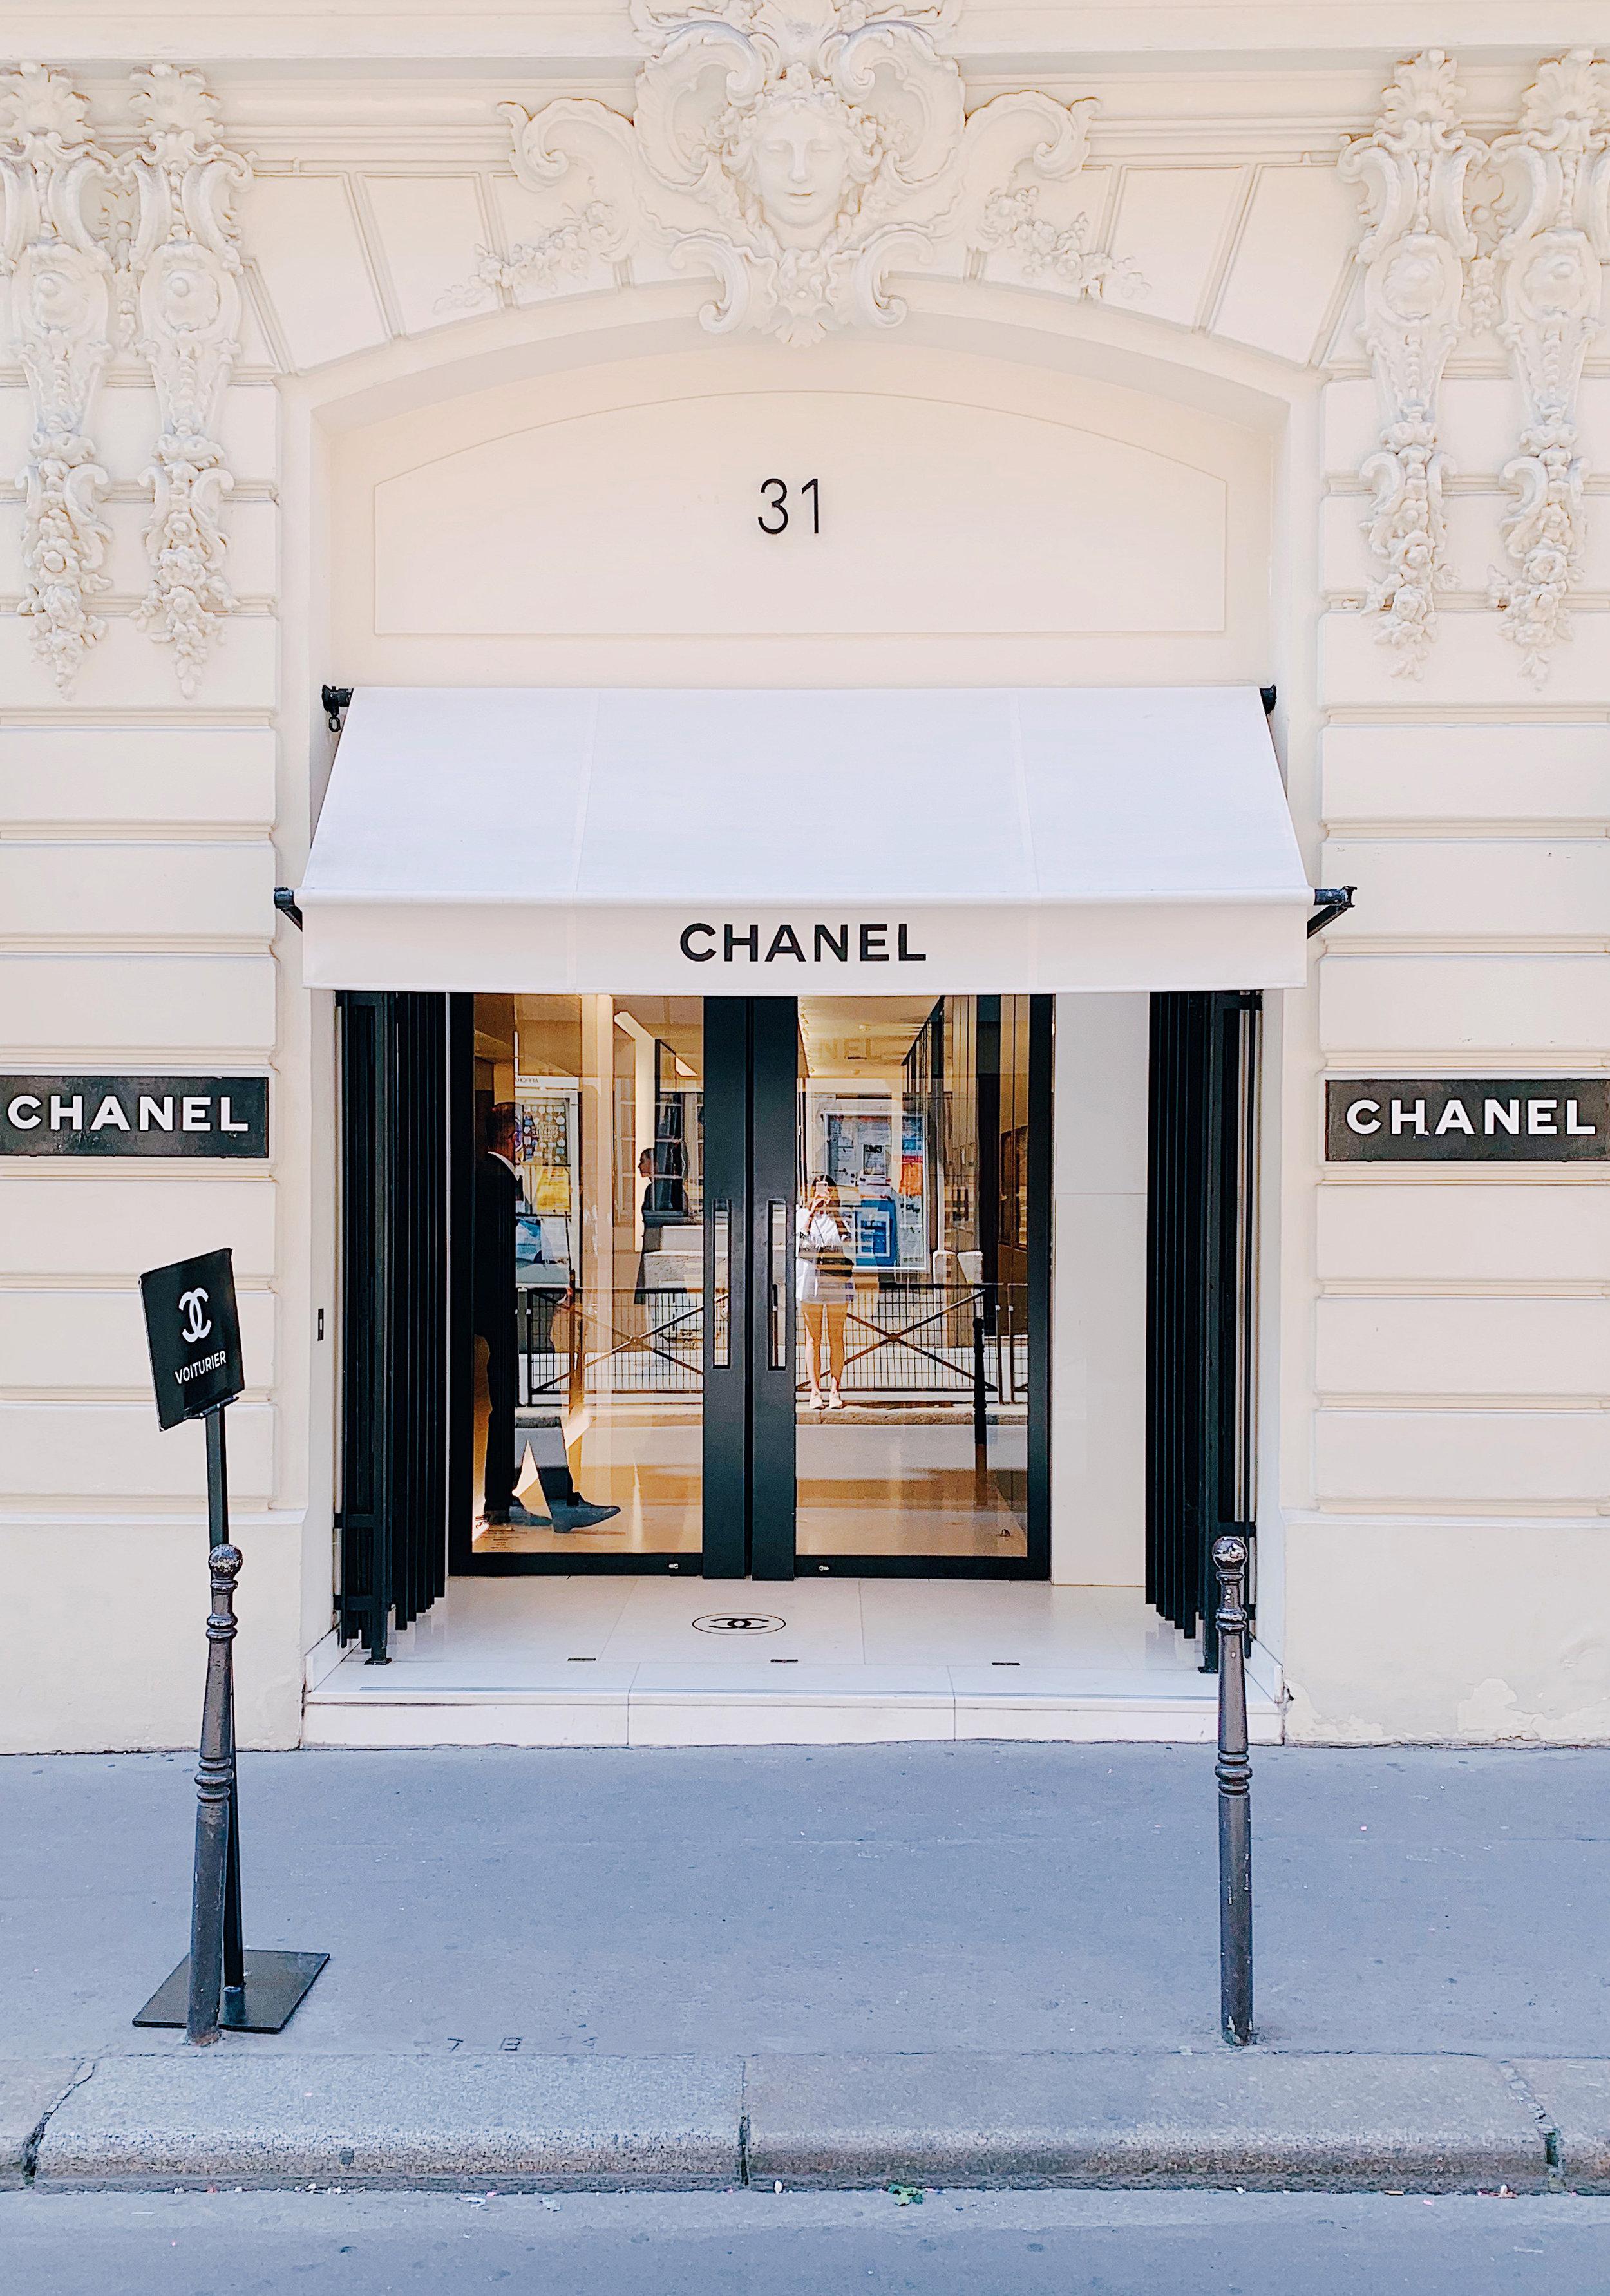 Paris 5 Chanel 31 Rue Cambon.jpg